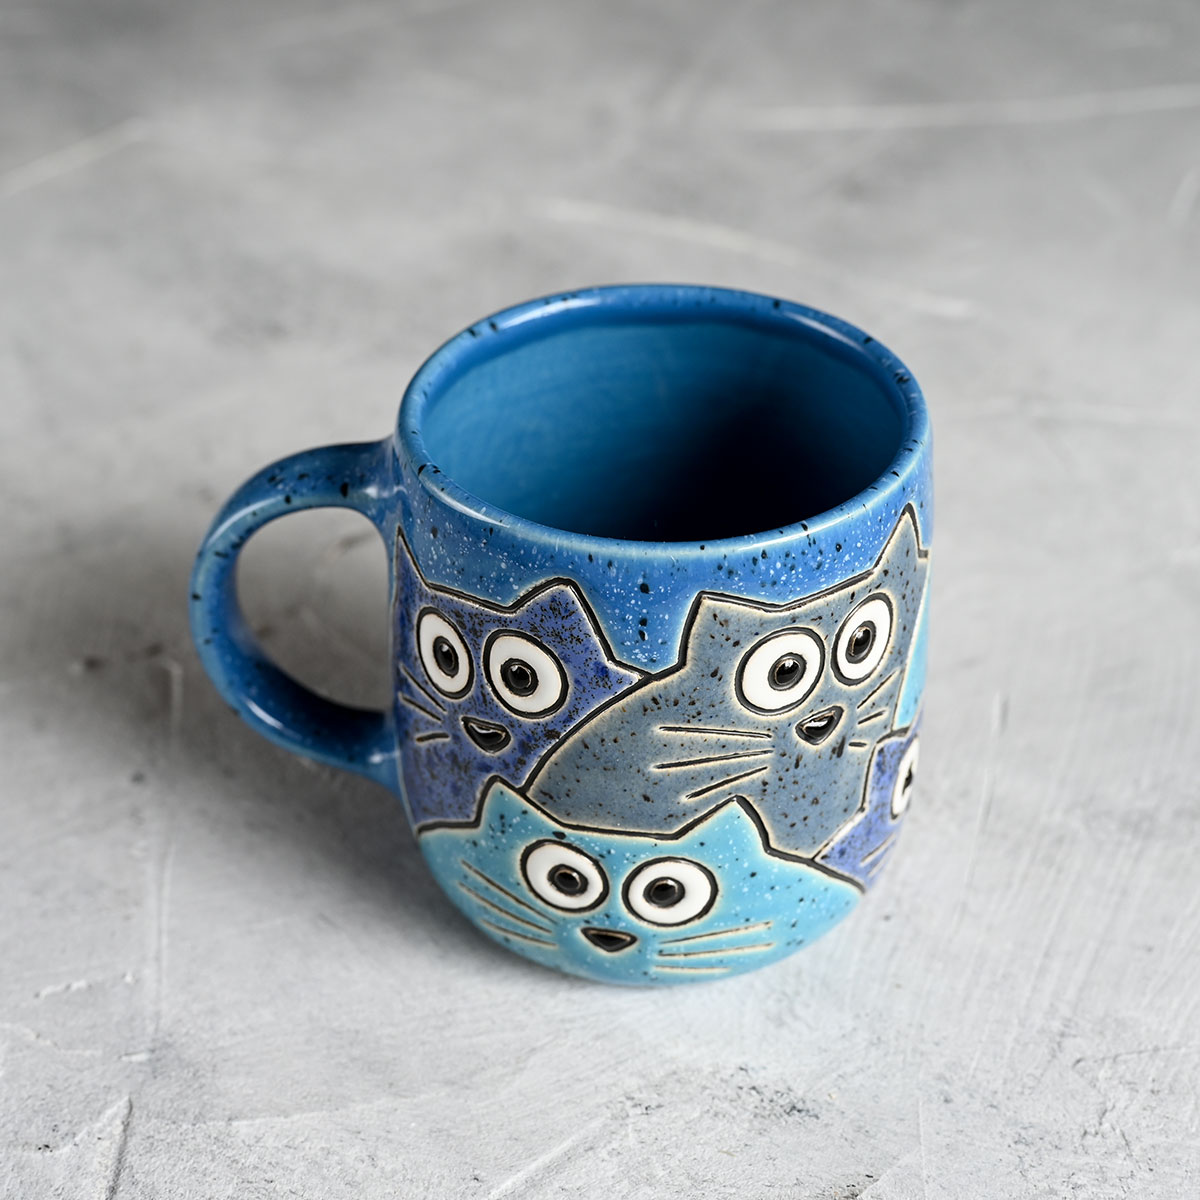 """картинка Кружка """"Котики"""" малая синяя 300 мл - DishWishes.Ru"""